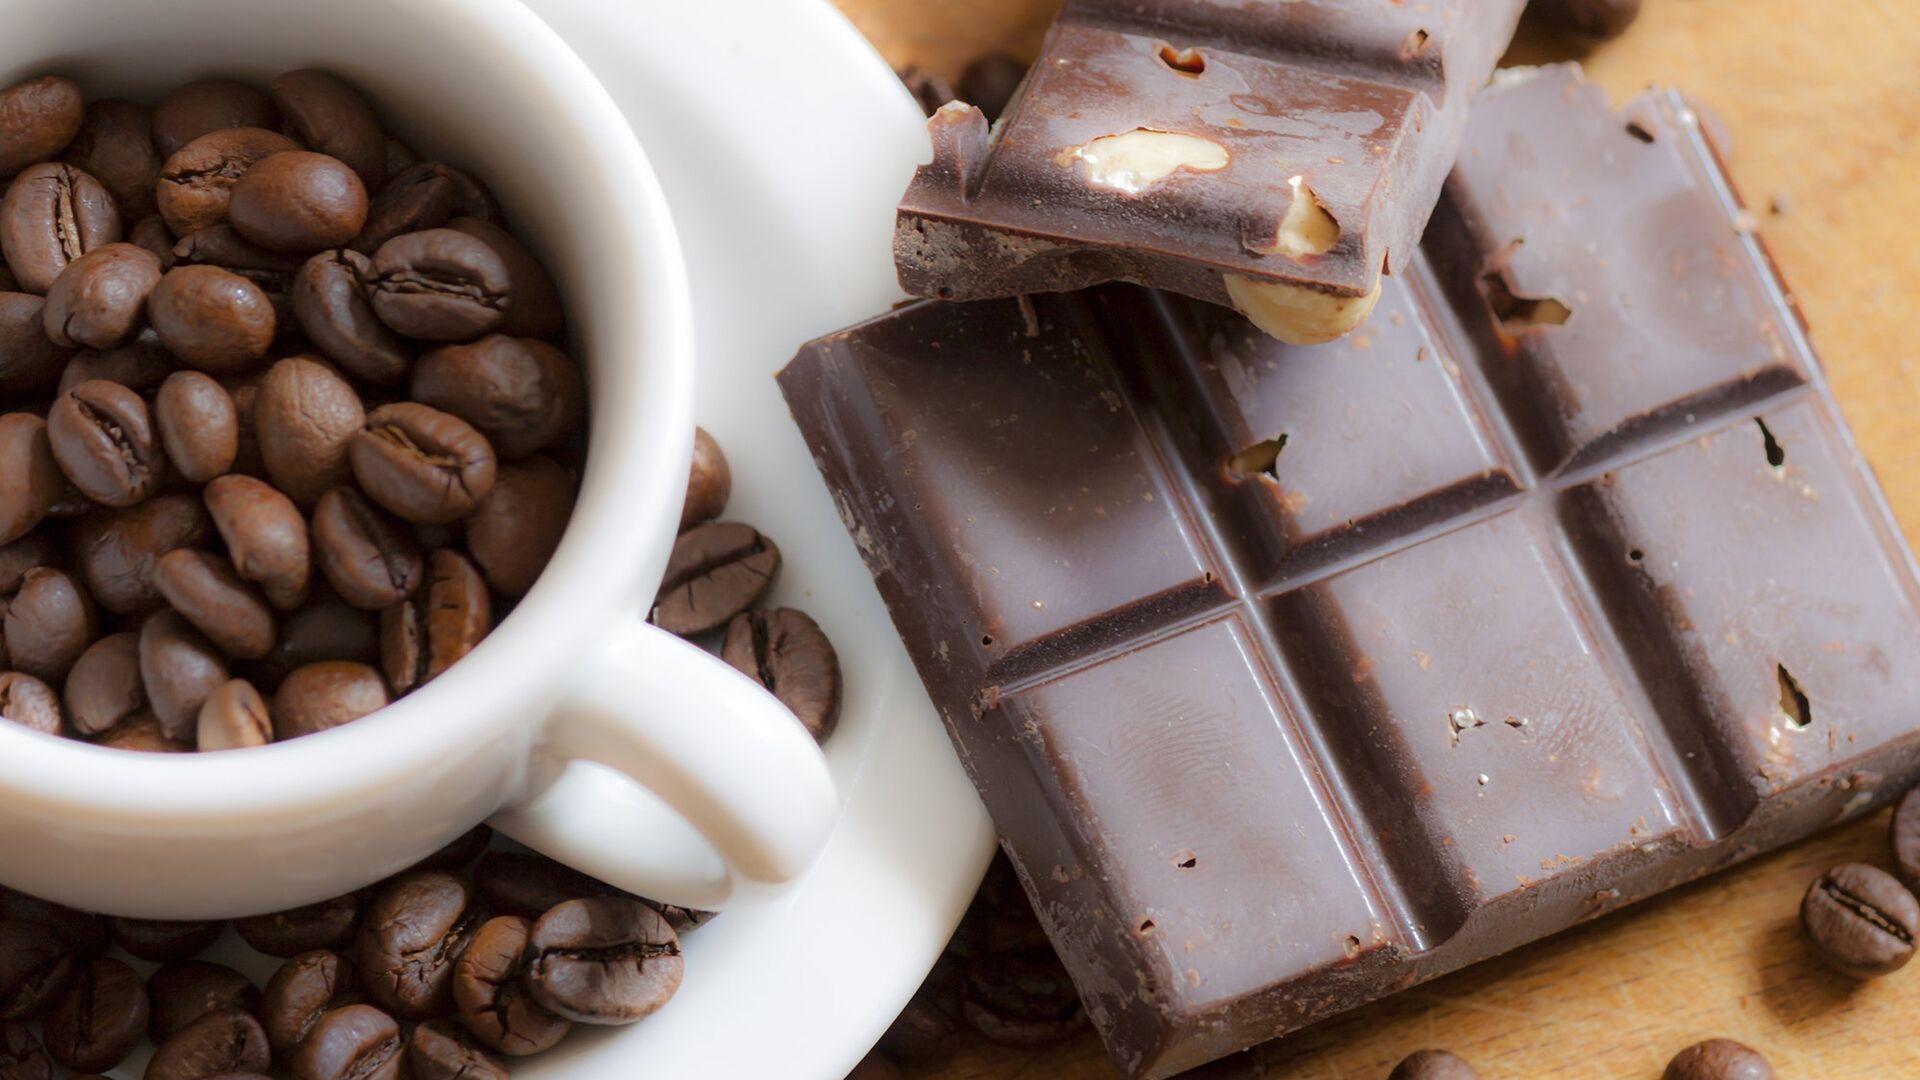 Обман веществ. Ученые объяснили, почему от диет толстеют, а от шоколада нет